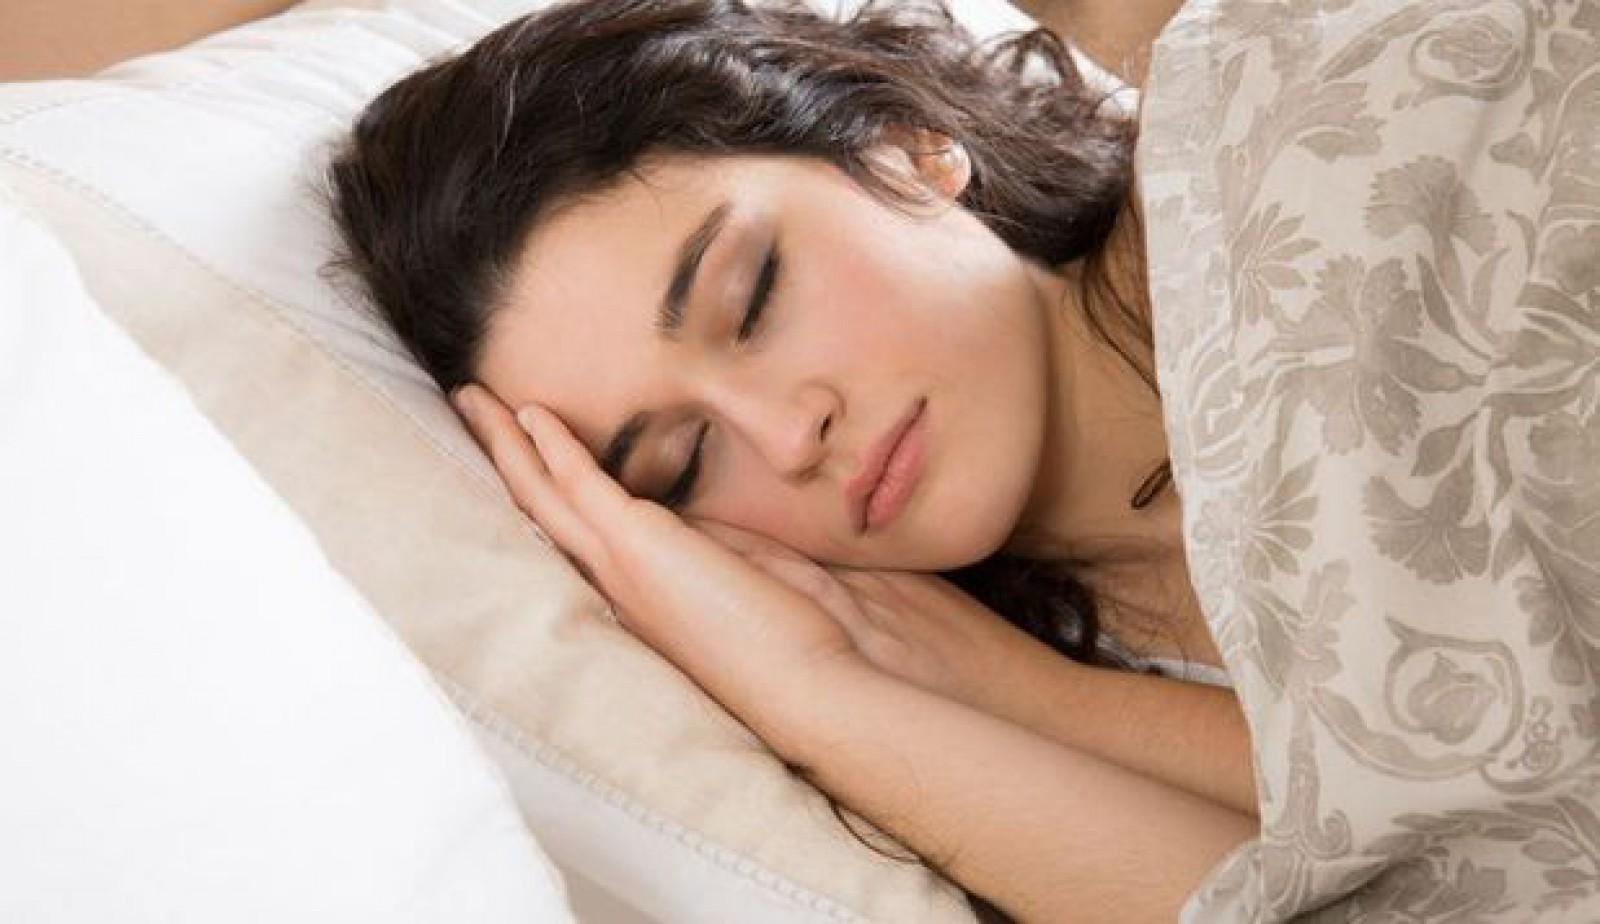 Studiu: Somnul de după-amiază este mai benefic decât cafeaua